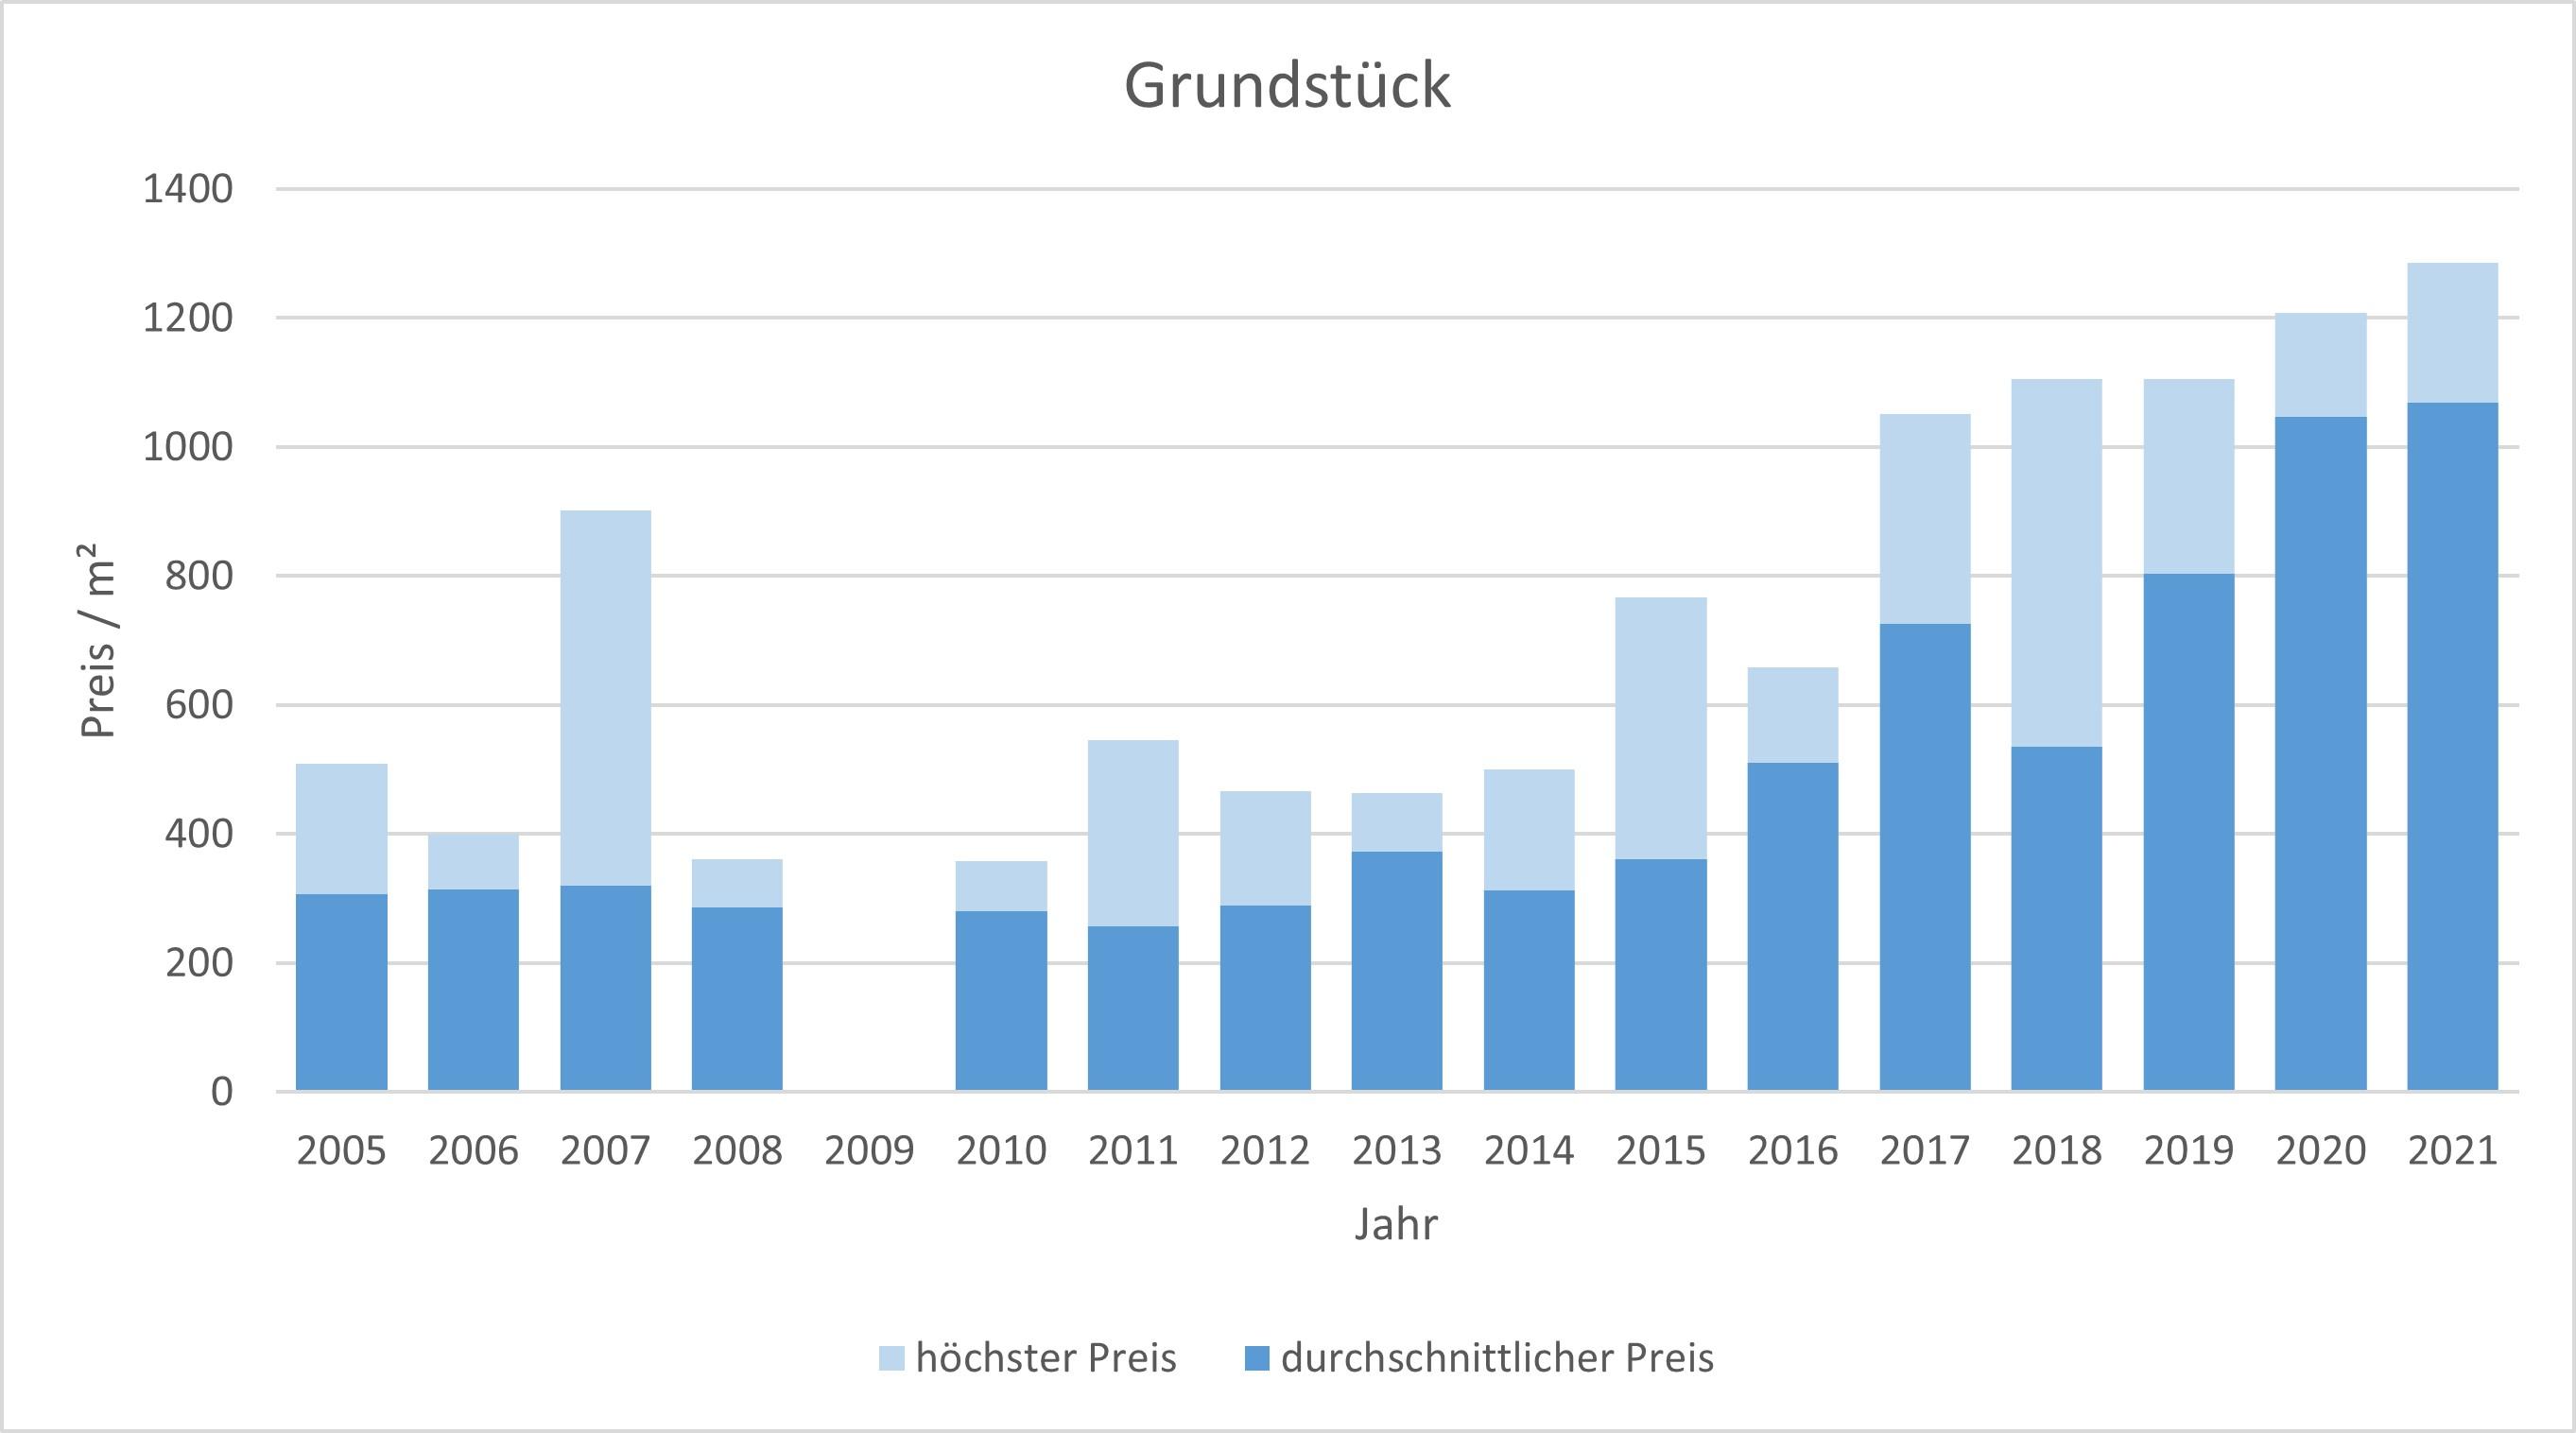 Feldkirchen-Westerham Grundstück kaufen verkaufen 2019 2020 2021  Preis Bewertung Makler www.happy-immo.de